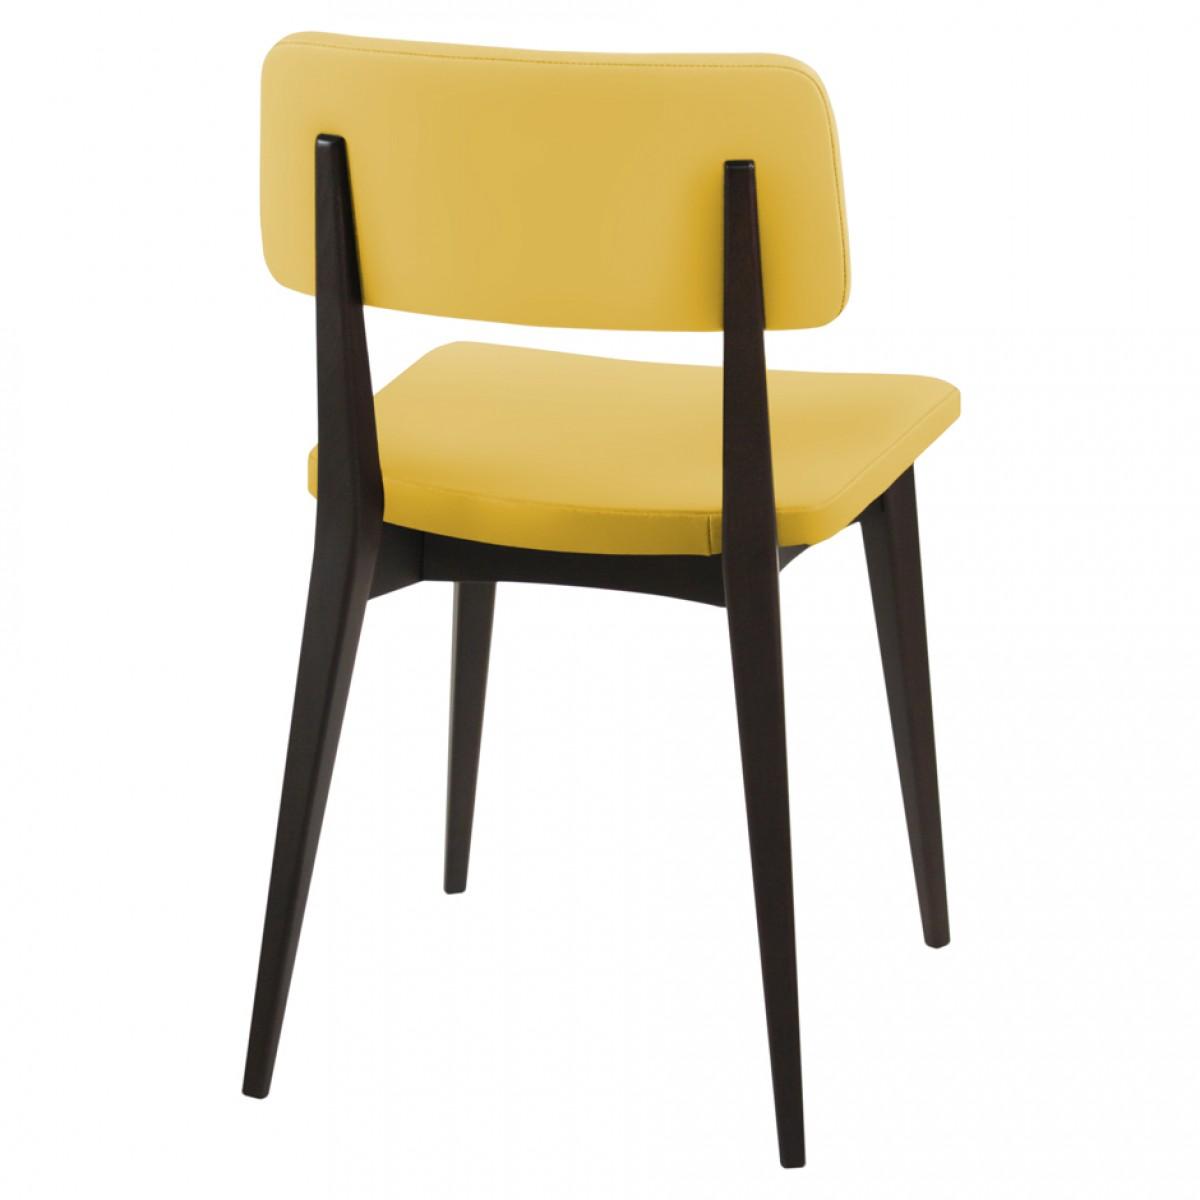 Natasha 2 horeca stoelen horeca meubelen op maat - Am pm stoelen ...